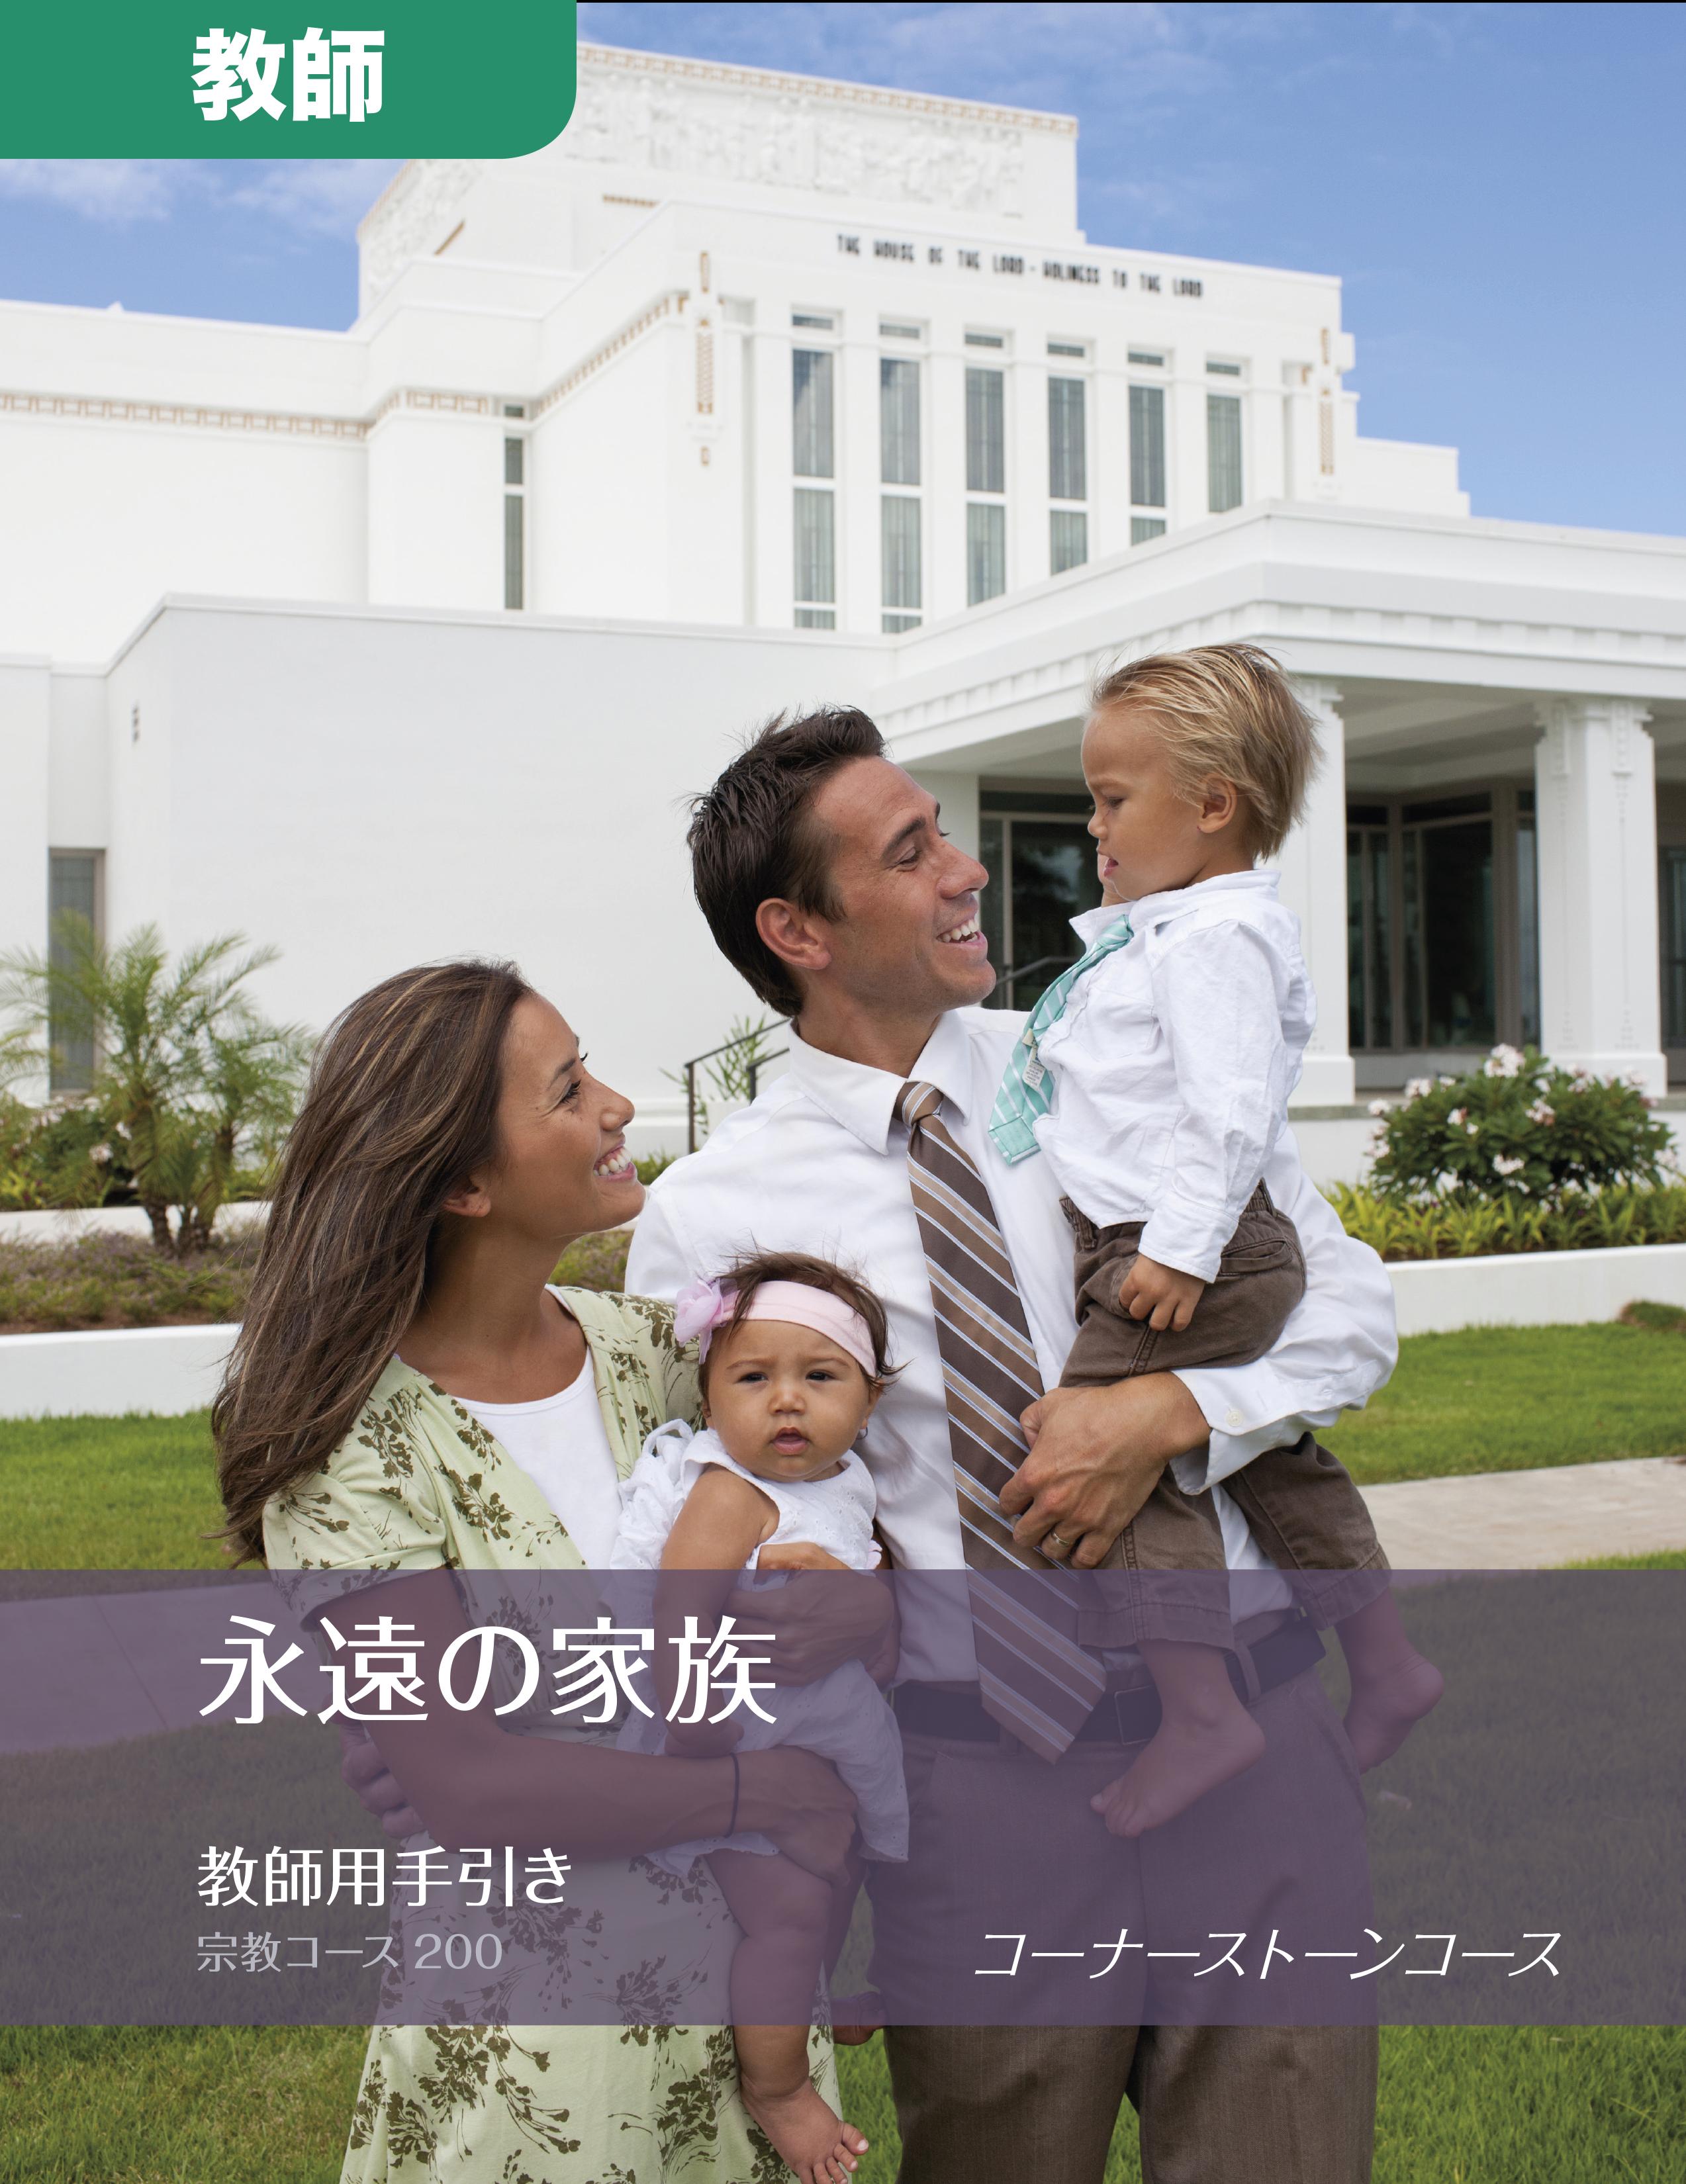 『永遠の家族 教師用手引き』